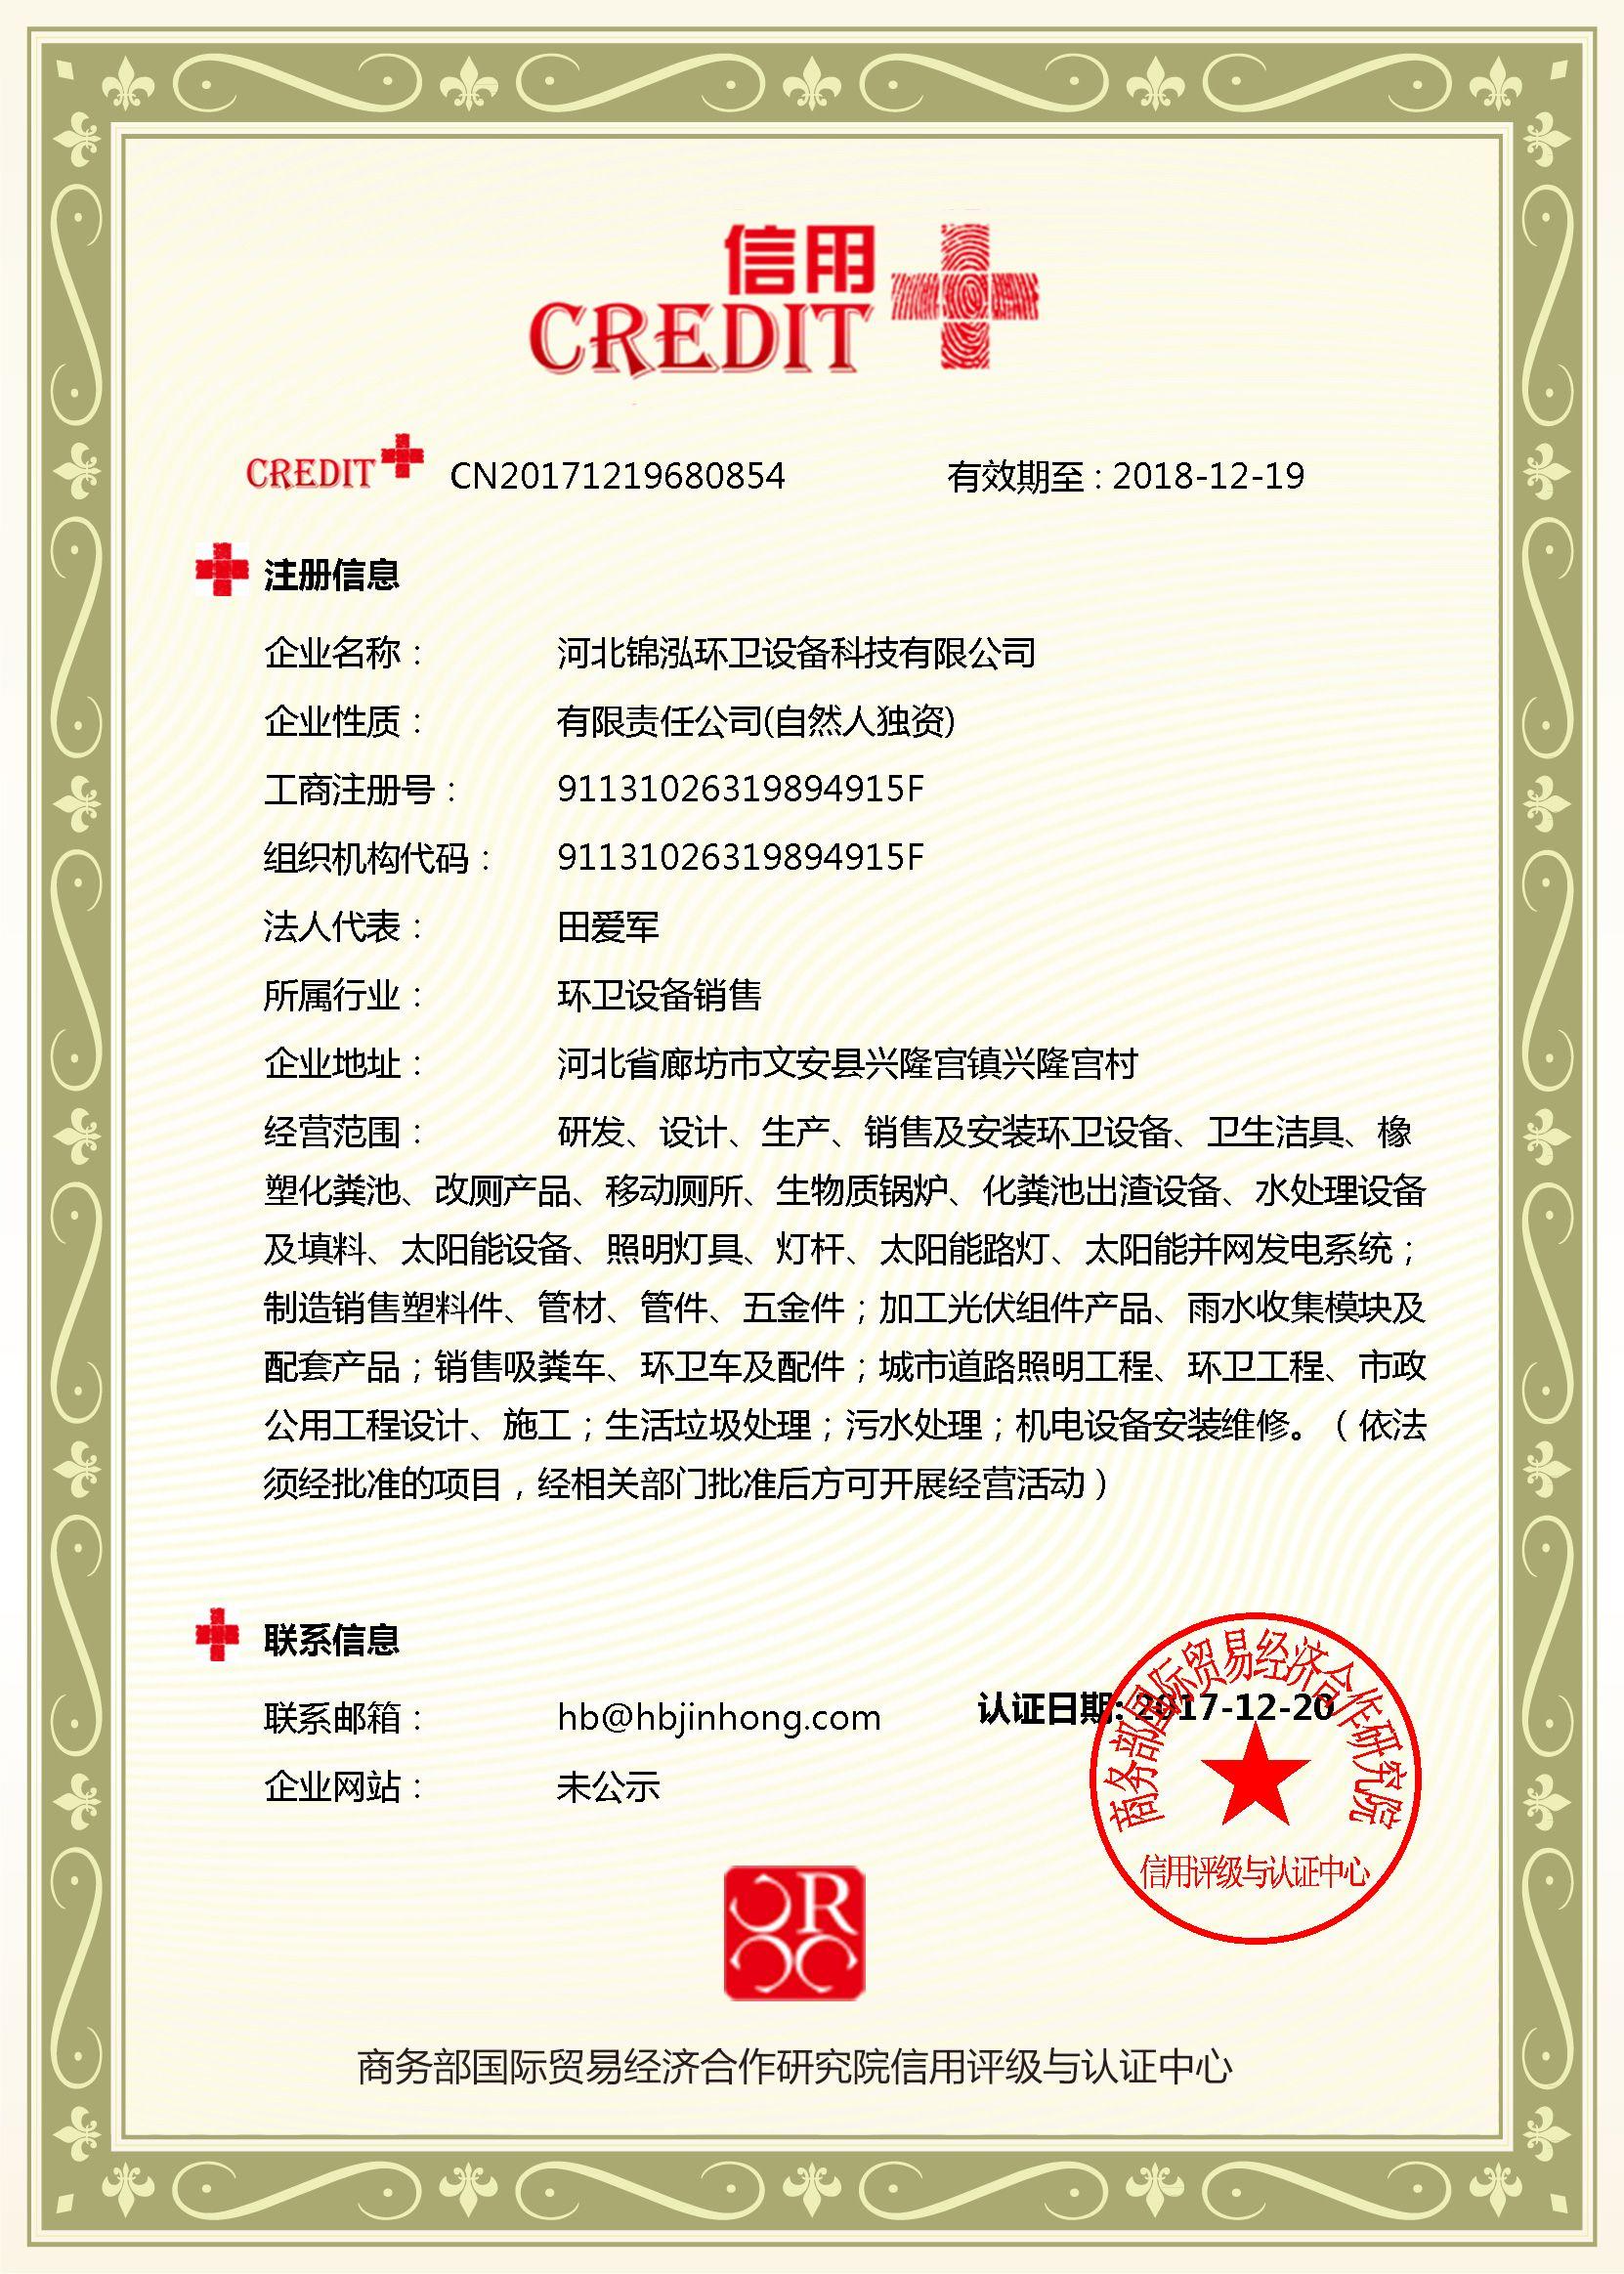 河北锦泓环卫设备科技有限公司 信用+.jpg